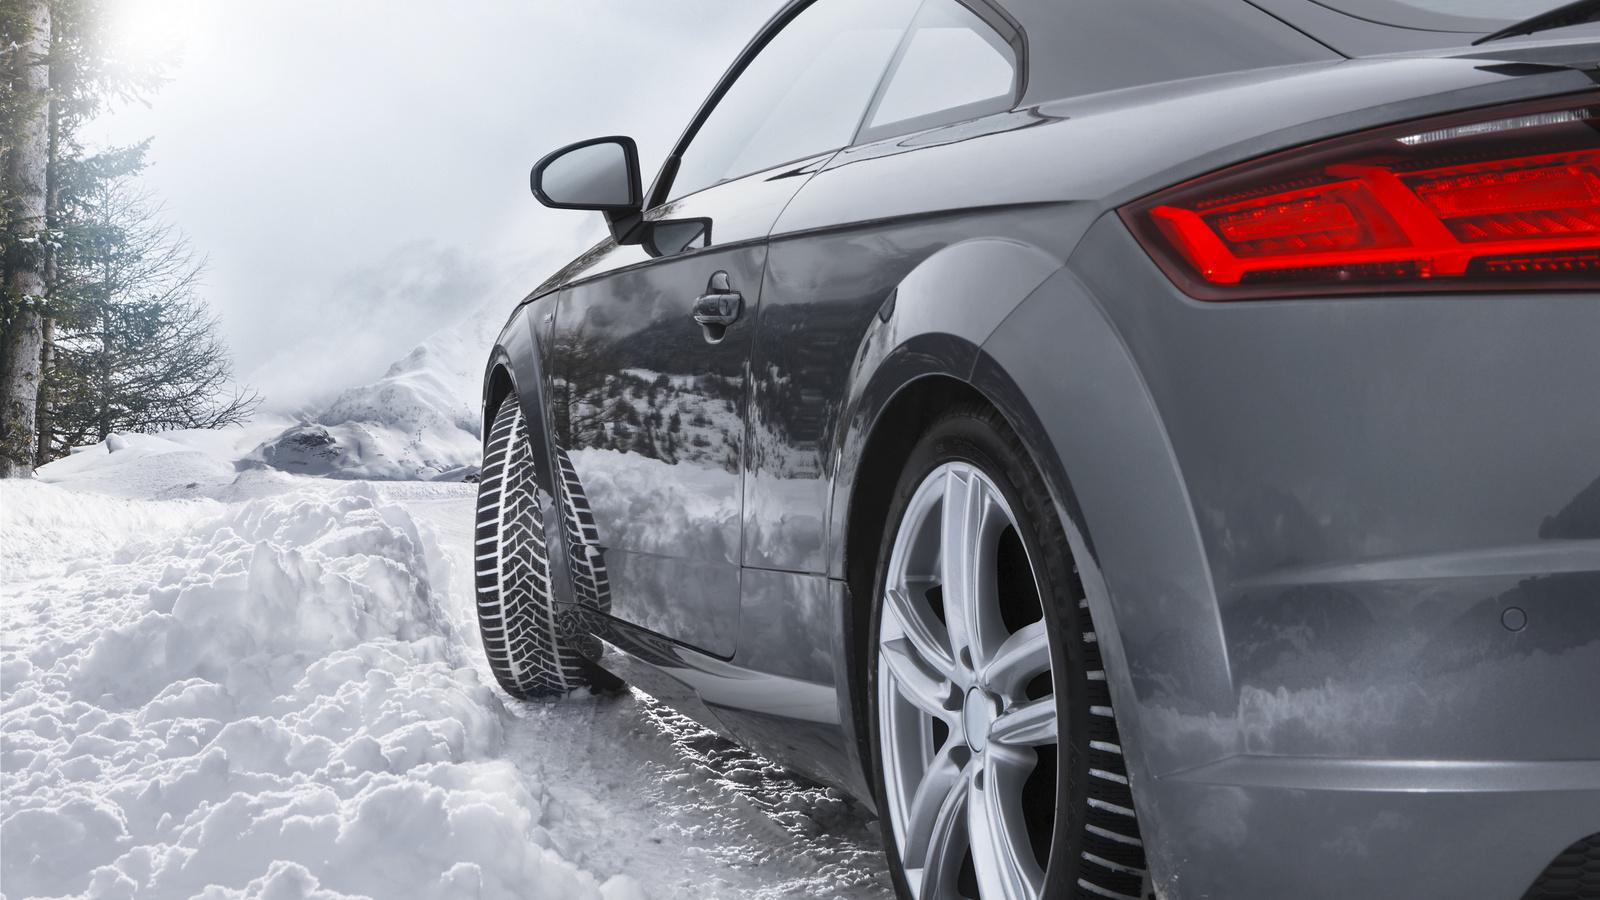 Dunlop Winter Sport 5 22545 R17 91 H Mfs Voidapl